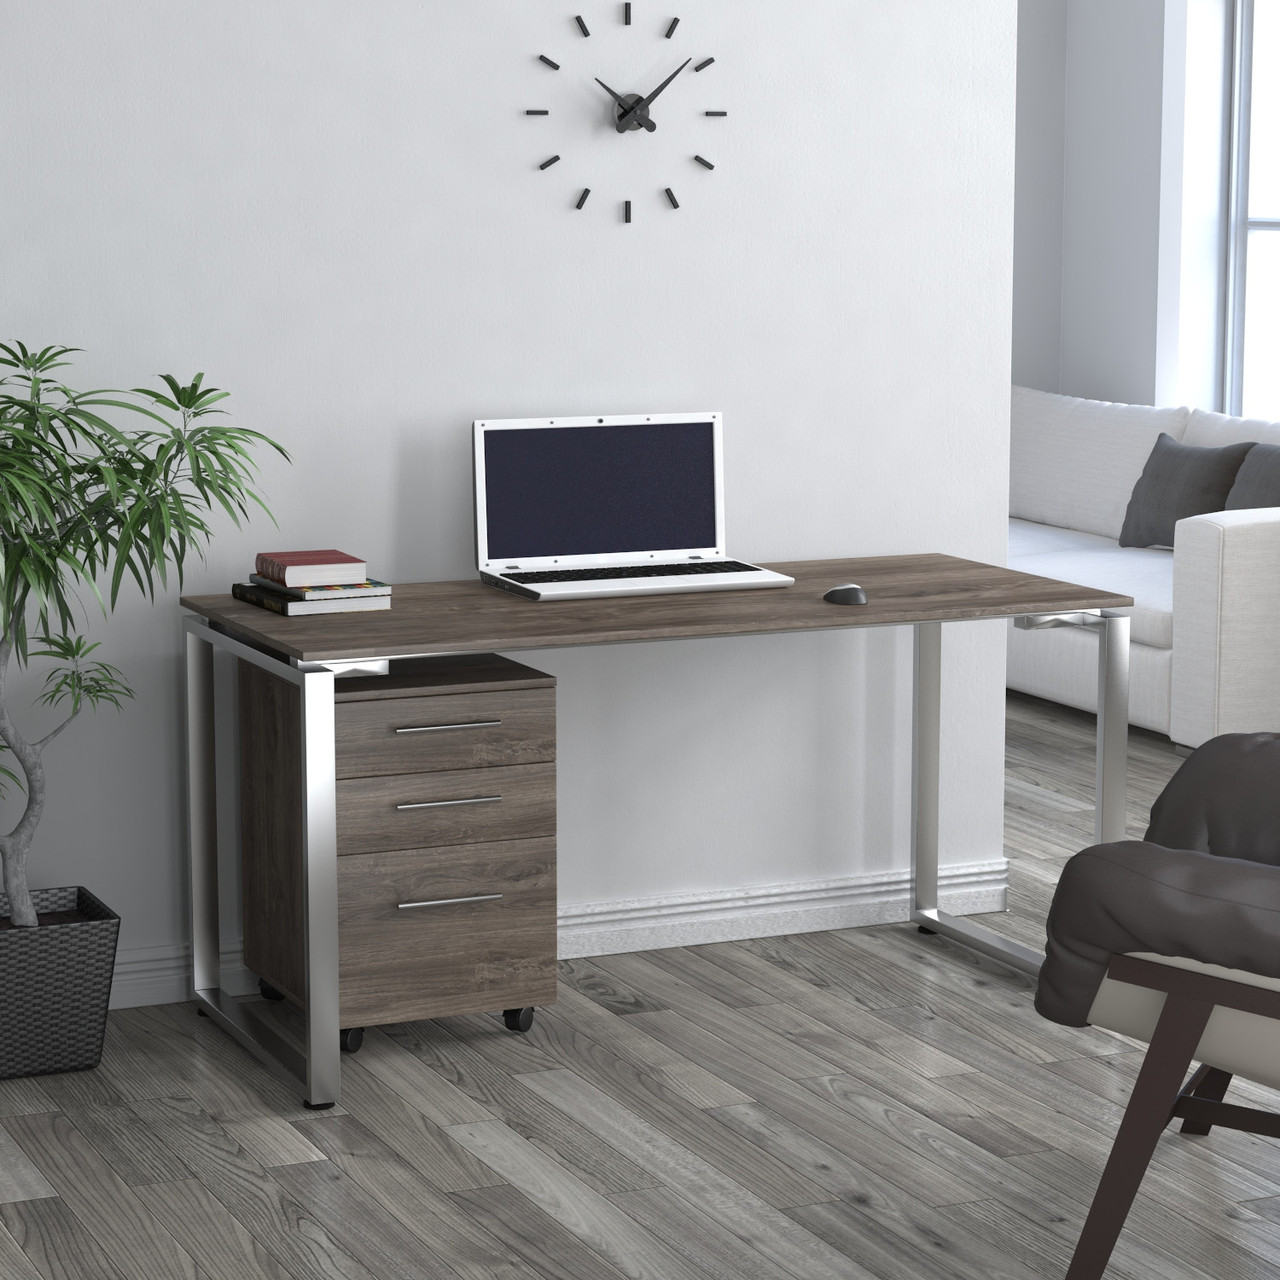 Письменный стол Loft design Q-160 Дуб Палена Столешница 16 мм